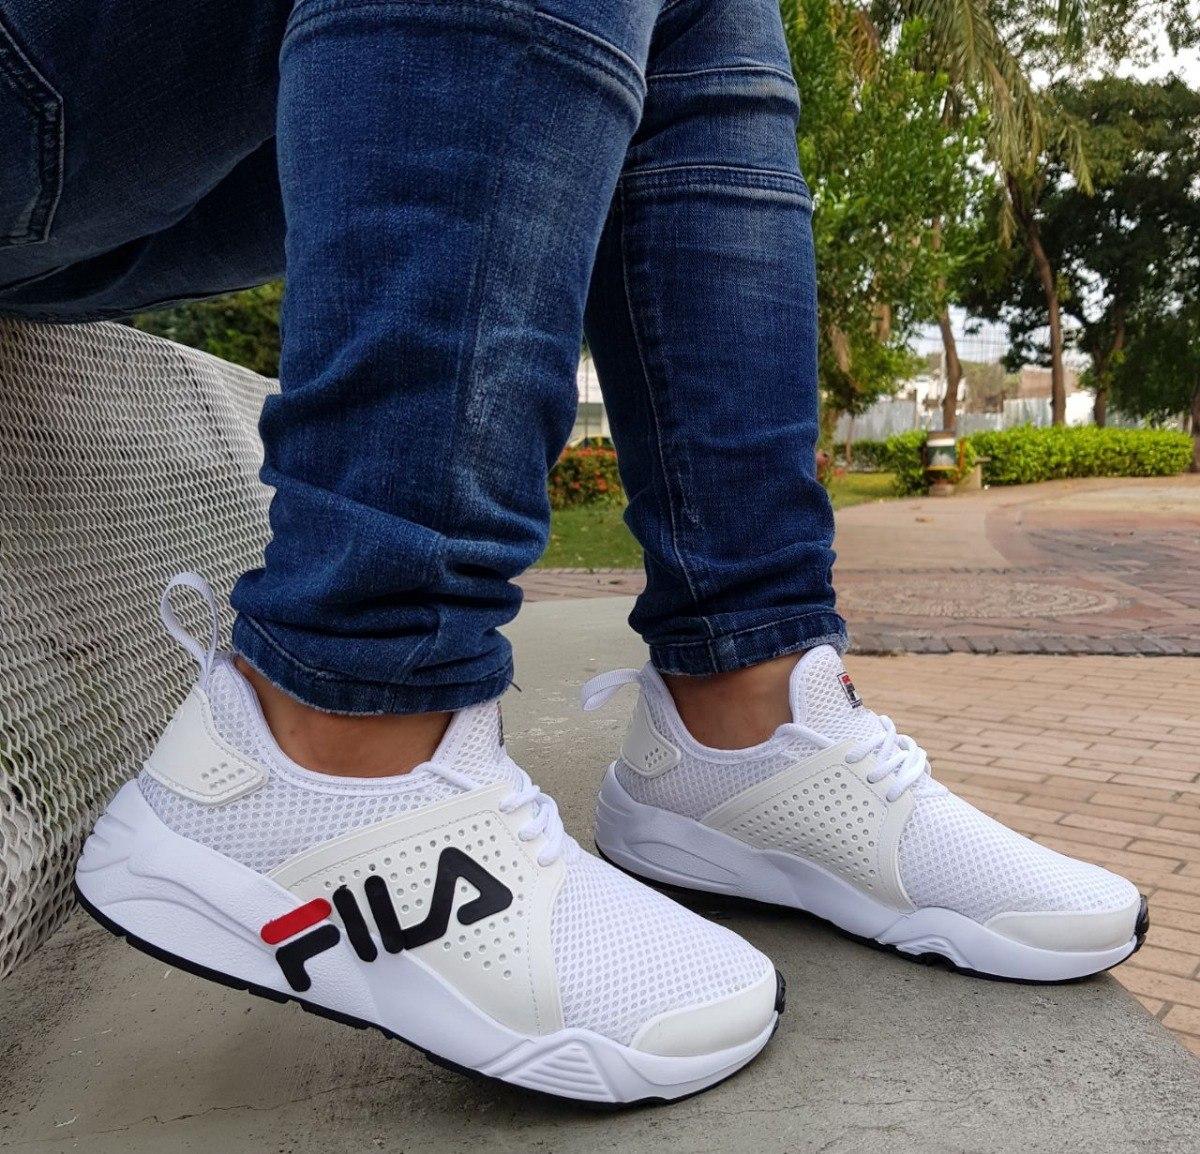 Compra > zapatos deportivos fila para hombres- OFF 63 ...